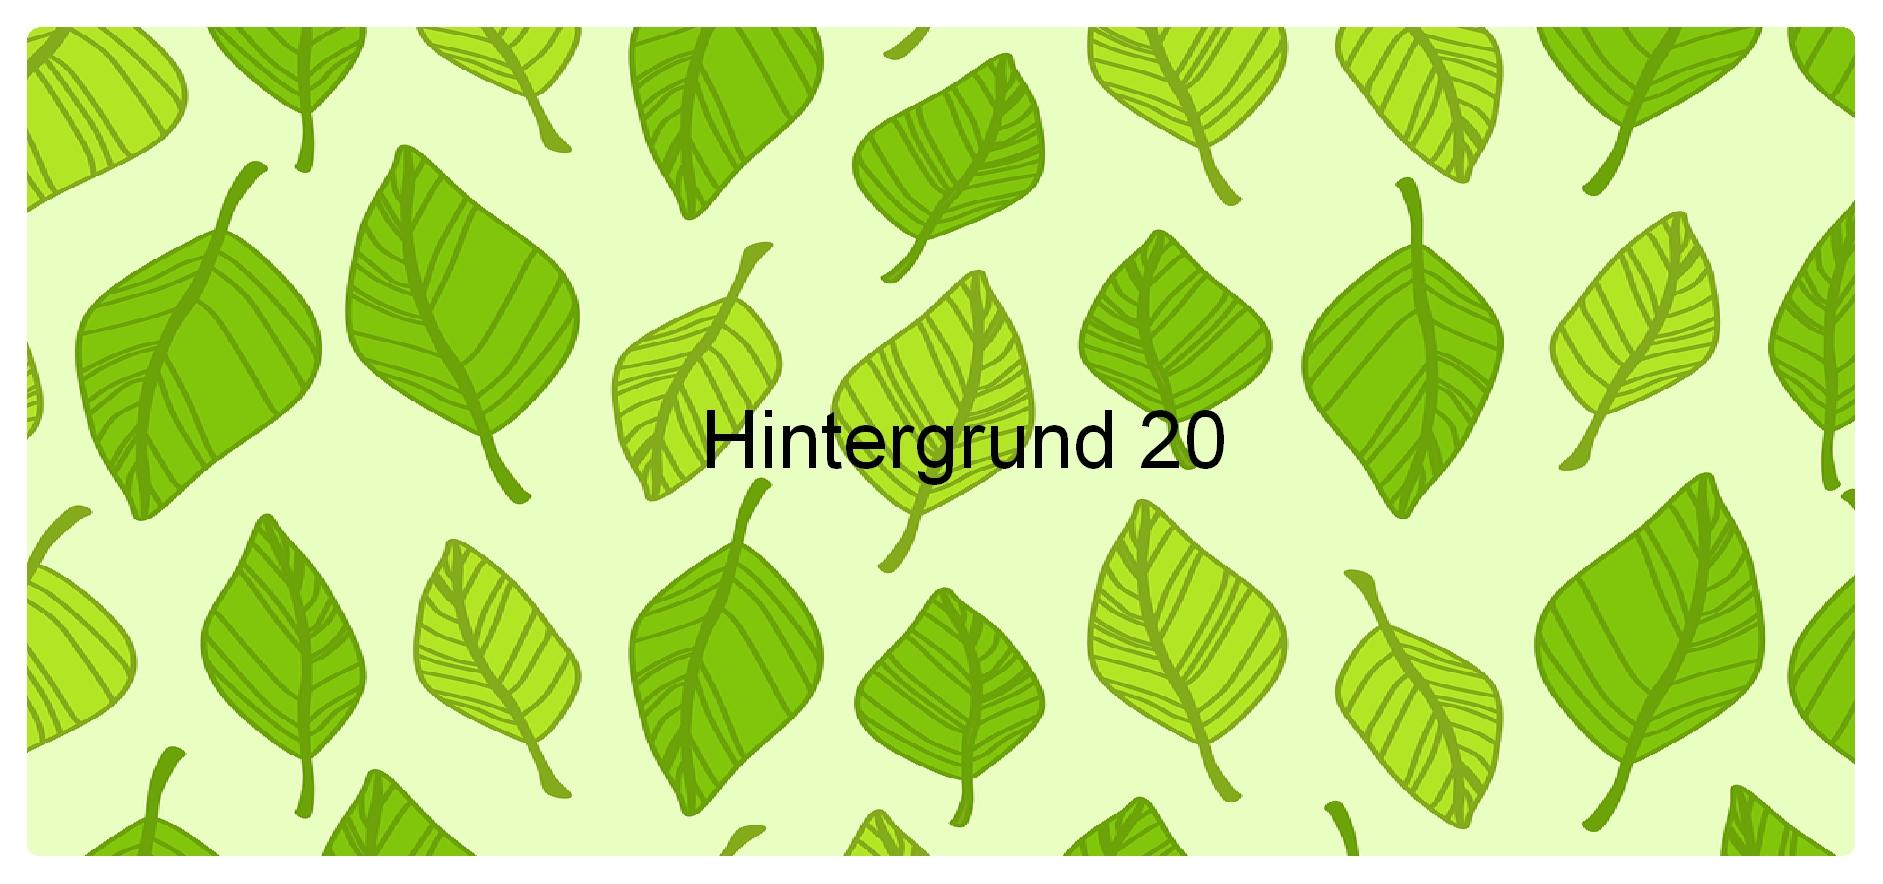 Hintergrund 20